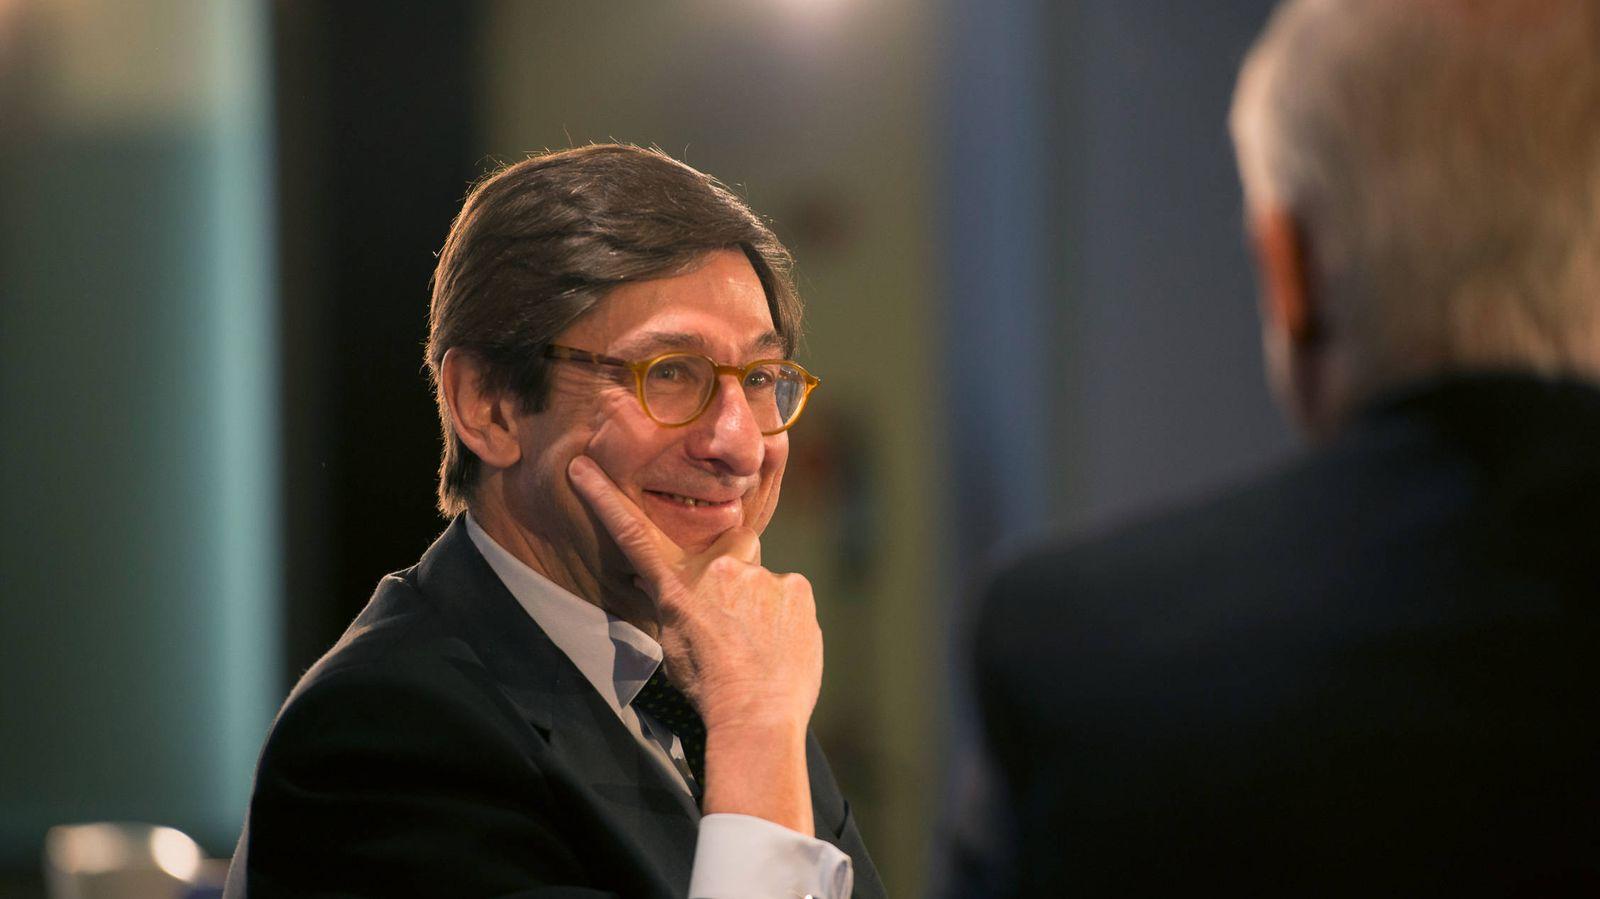 Foto: El presidente de Bankia, José Ignacio Goirigolzarri en el evento de Pimco y El Confidencial